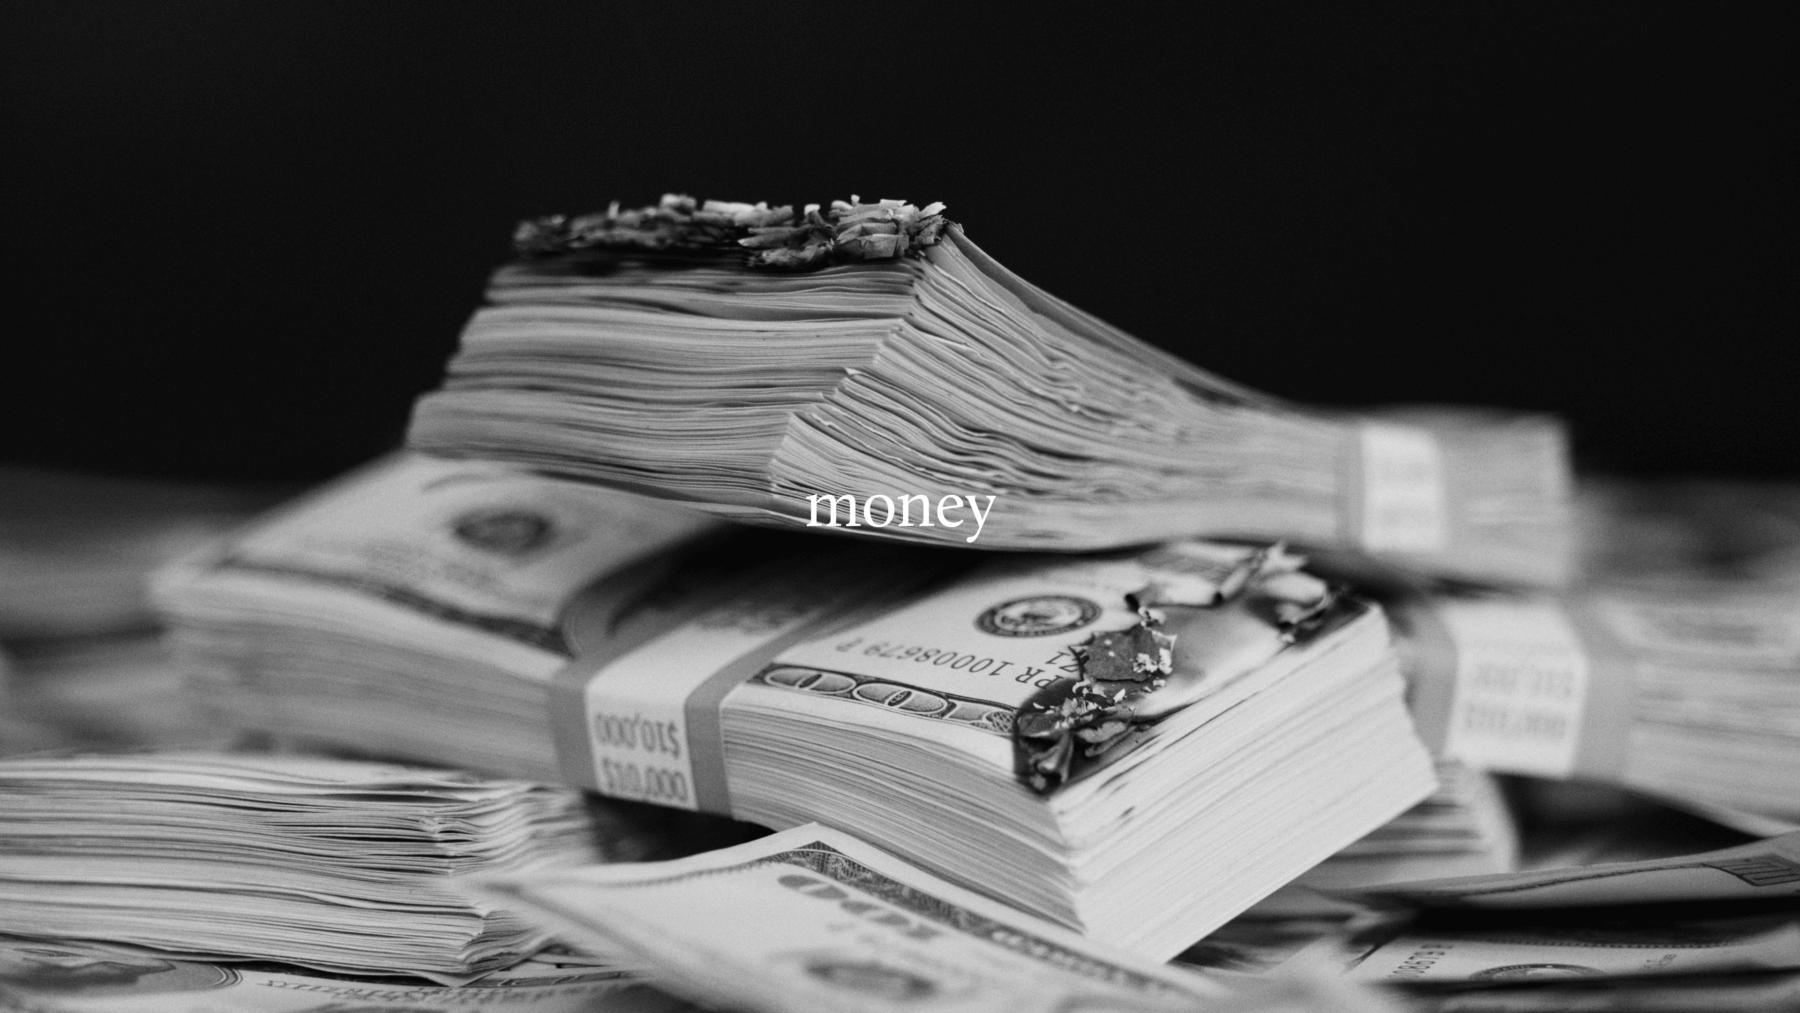 Sermon Series Ideas #5: Money